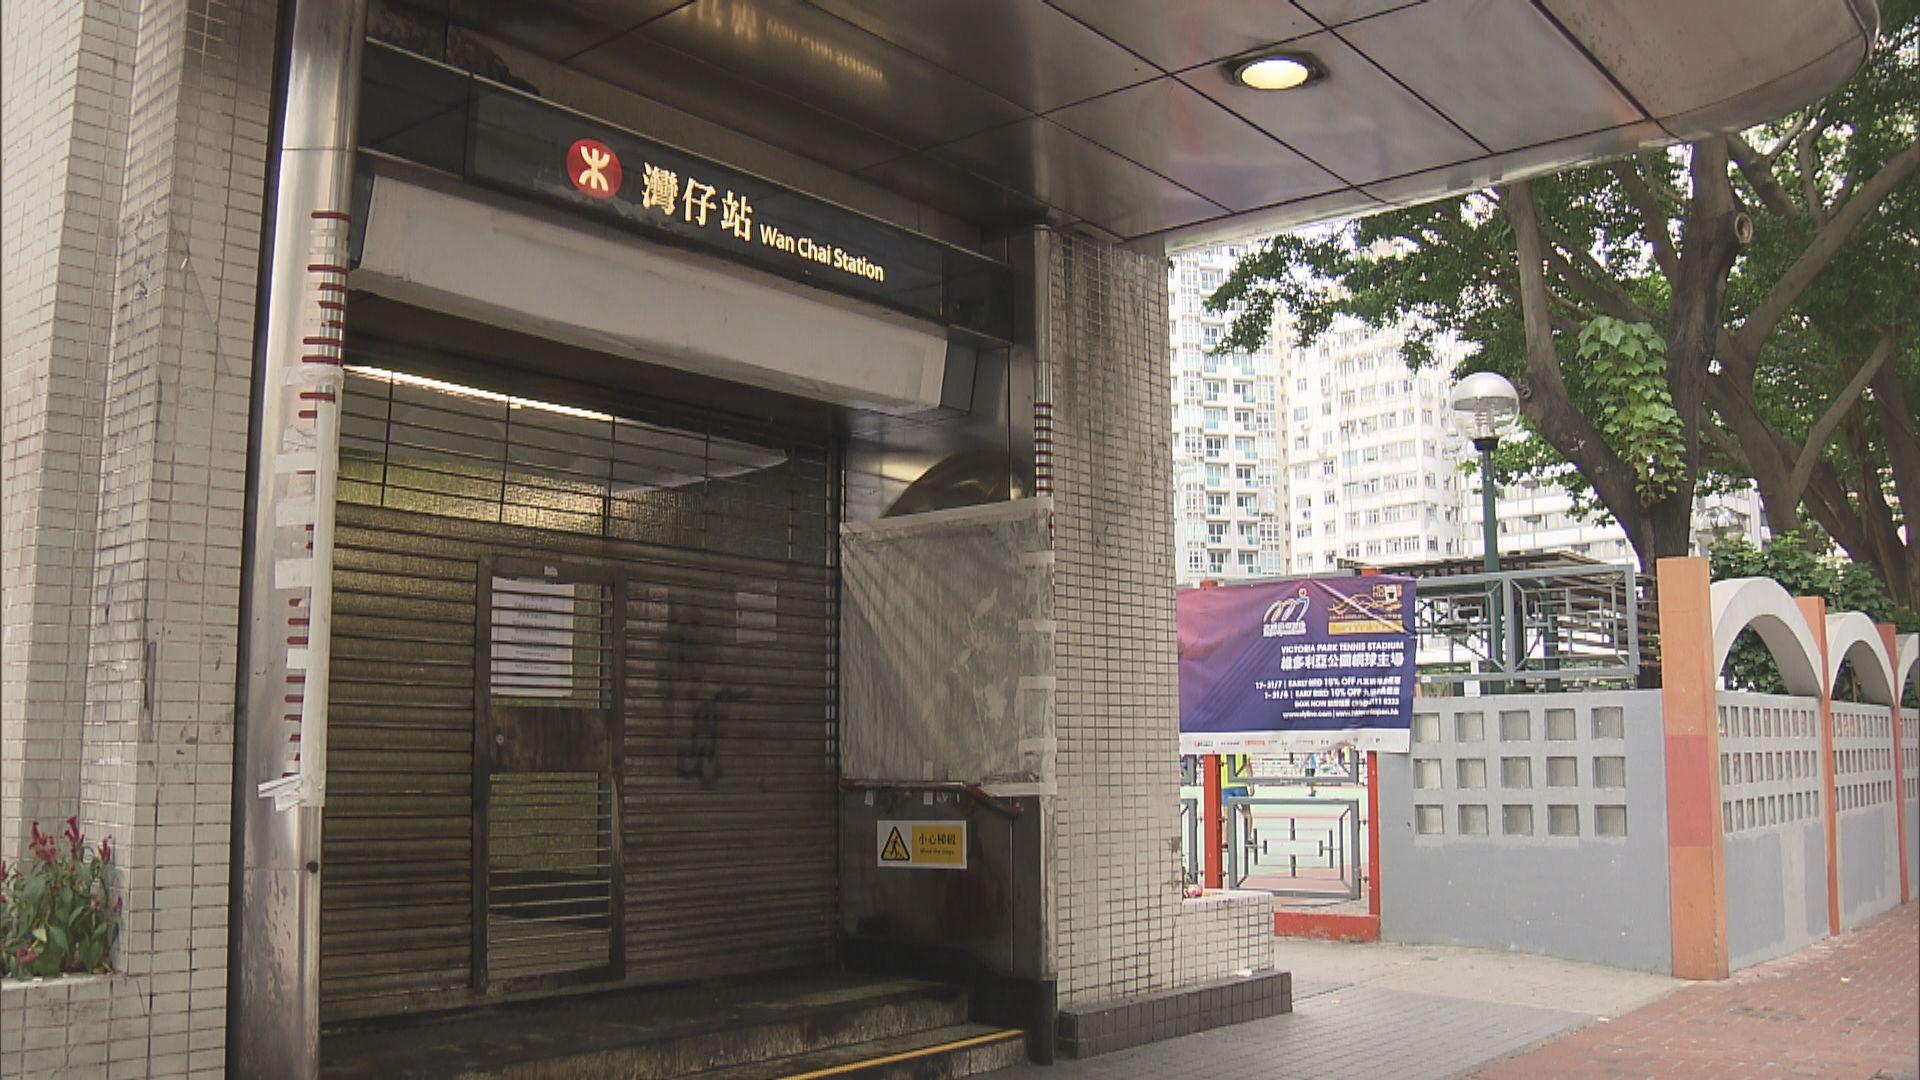 港鐵:若車站再受破壞不排除延長暫停服務時間